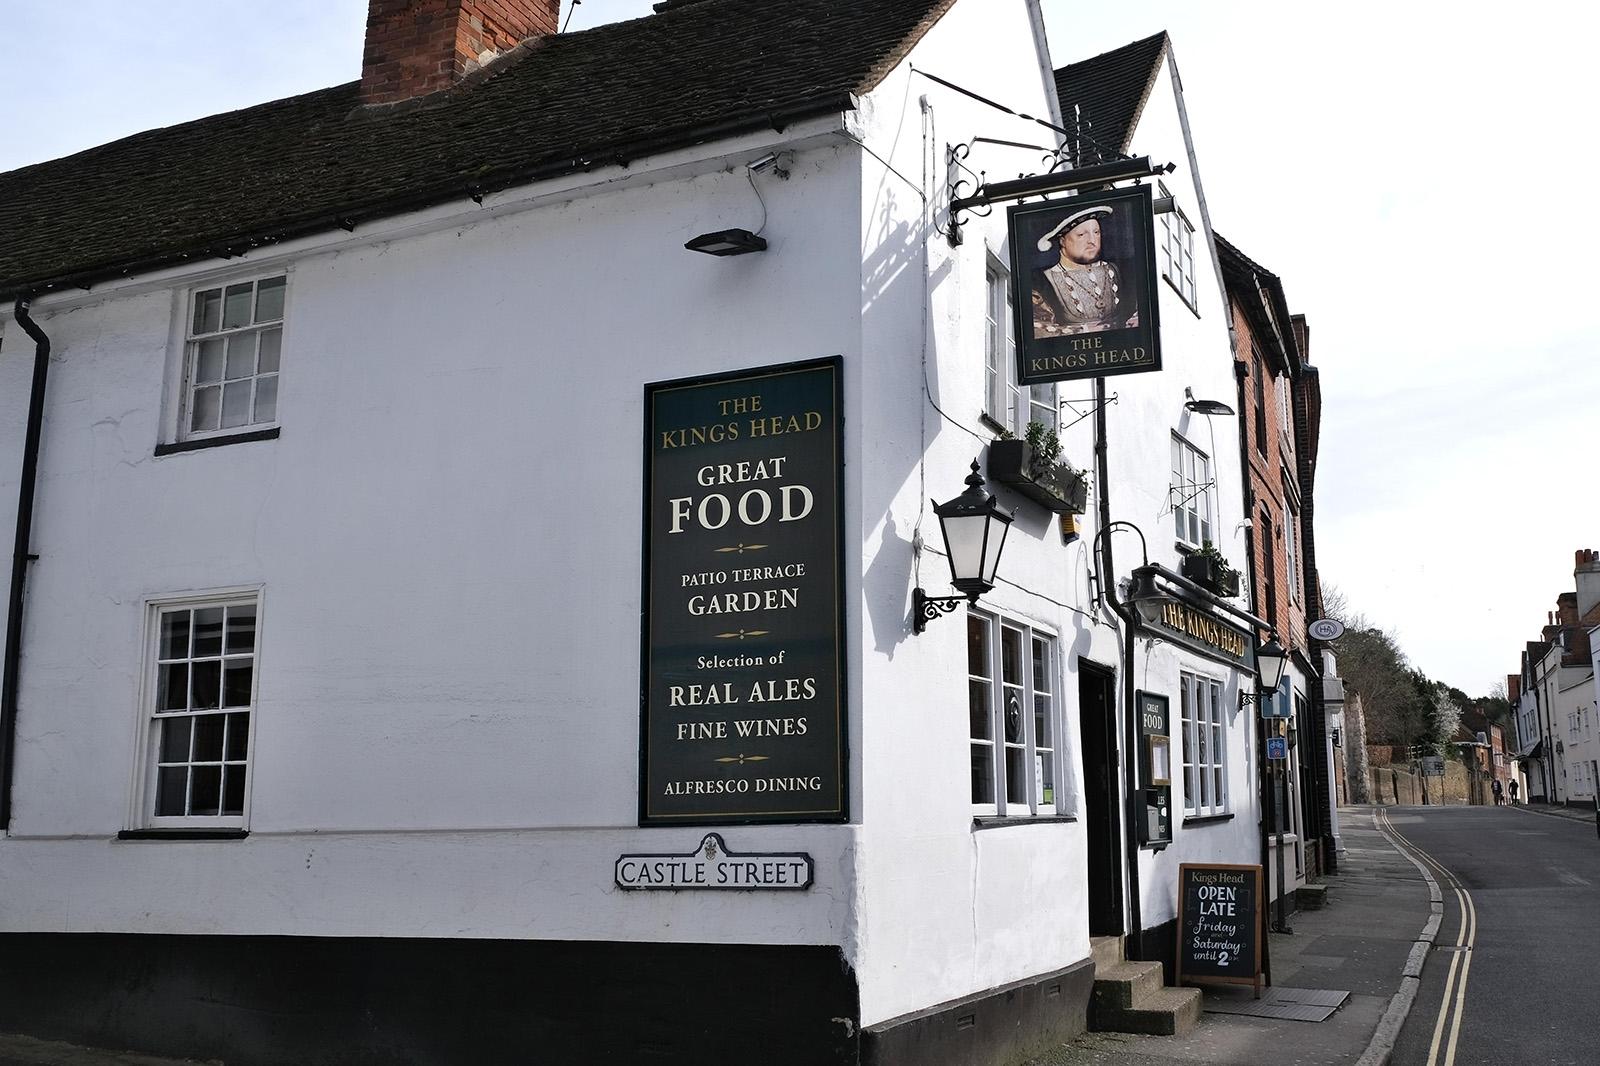 The Kings Head patří k nejstarším pubům v Guildfordu. Vývěsní štít ukazuje krále Jindřicha VIII.